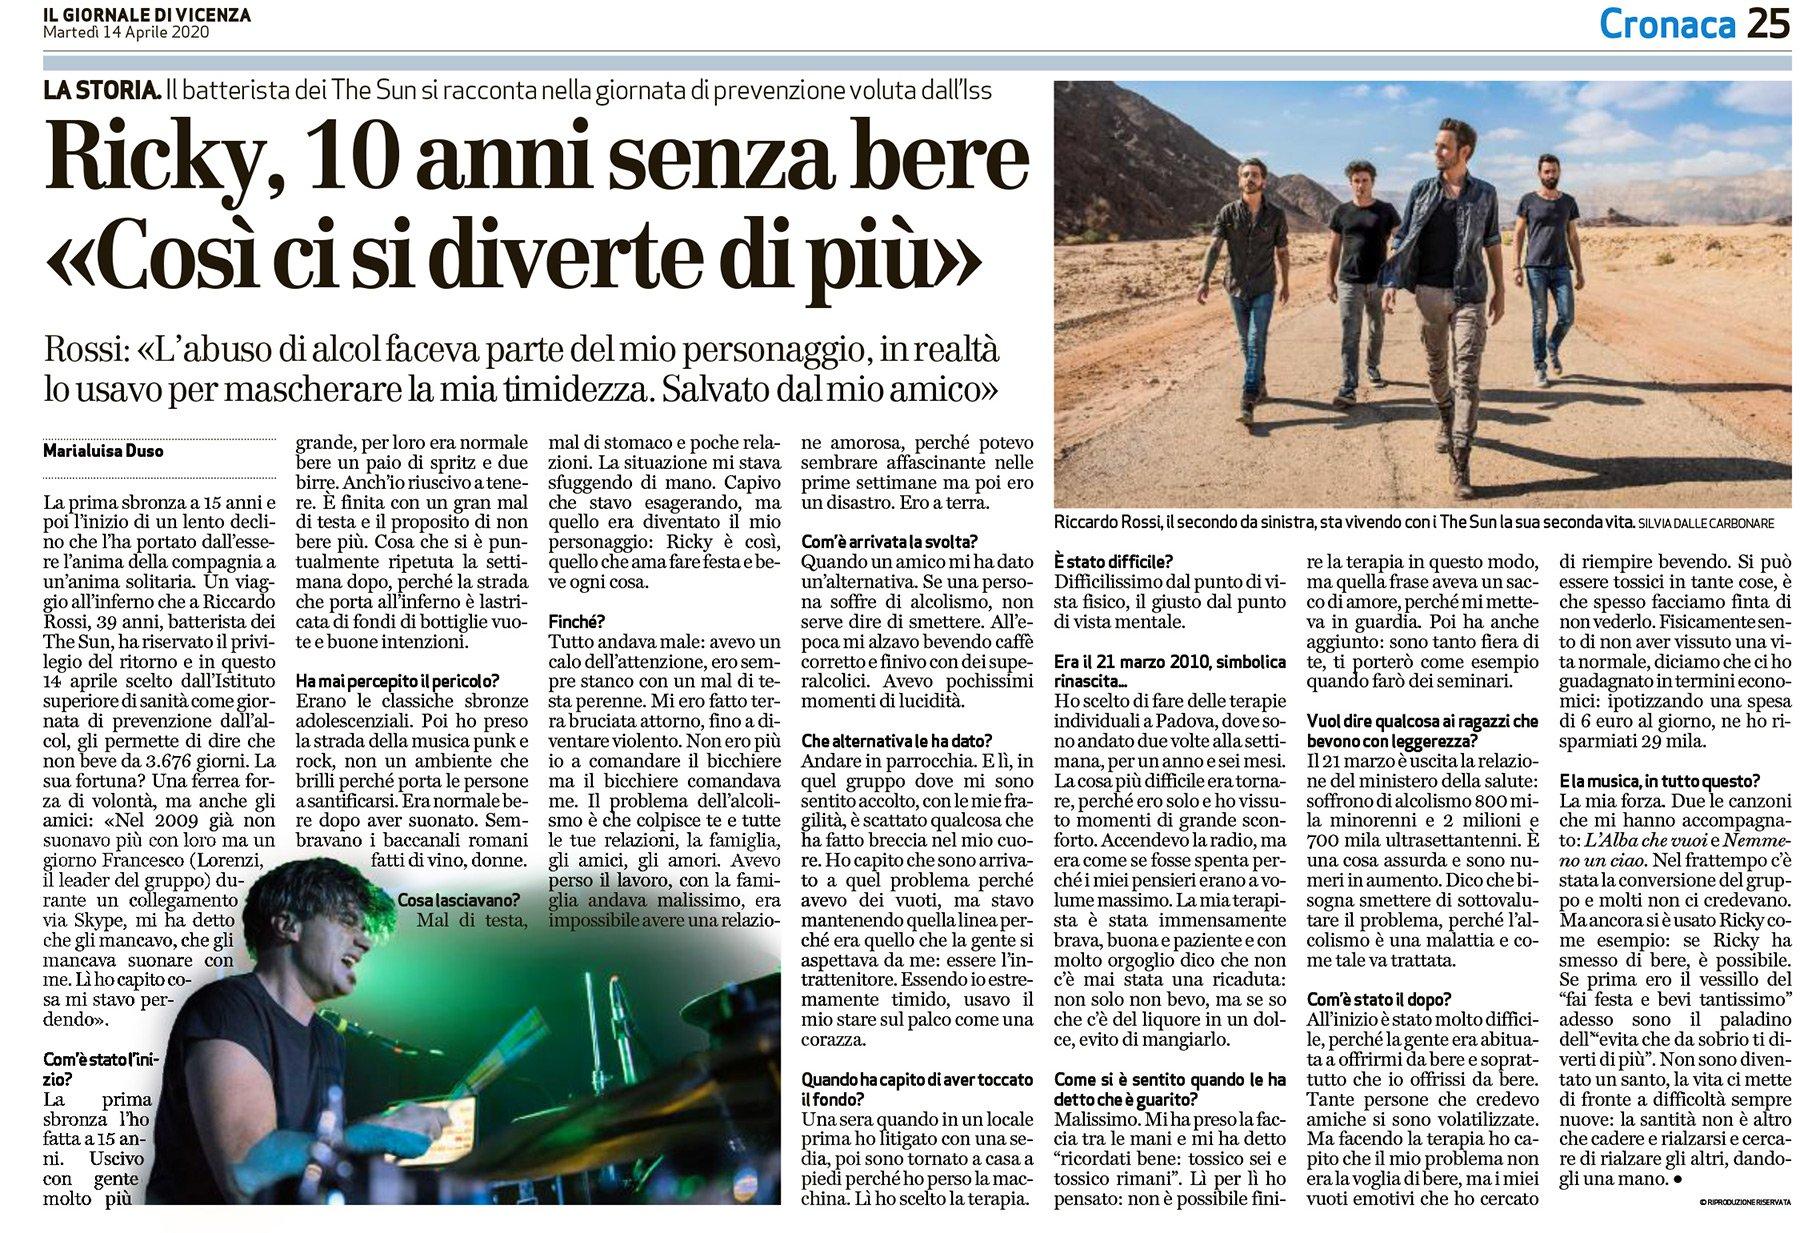 the sun rock band il giornale di vicenza